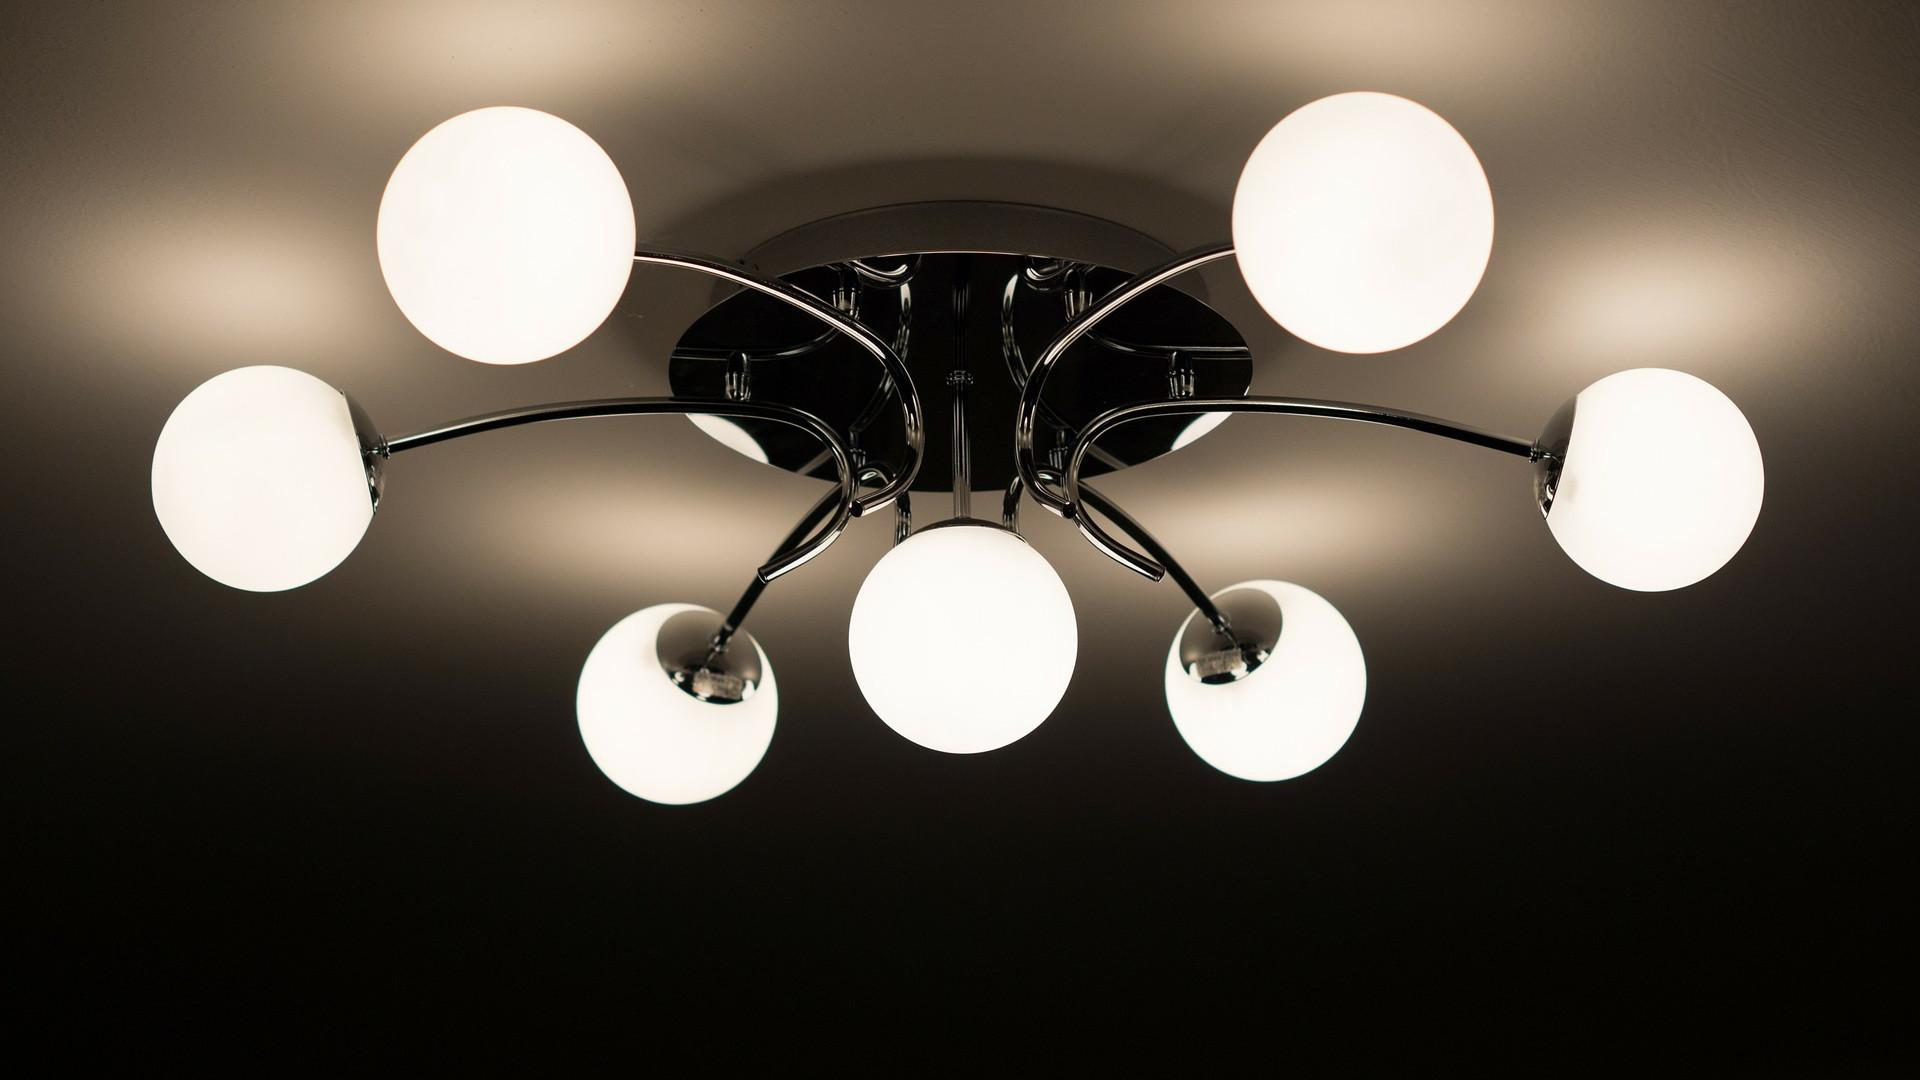 les-ampoules-led-ont-un-pouvoir-ecologique-incontestable.png